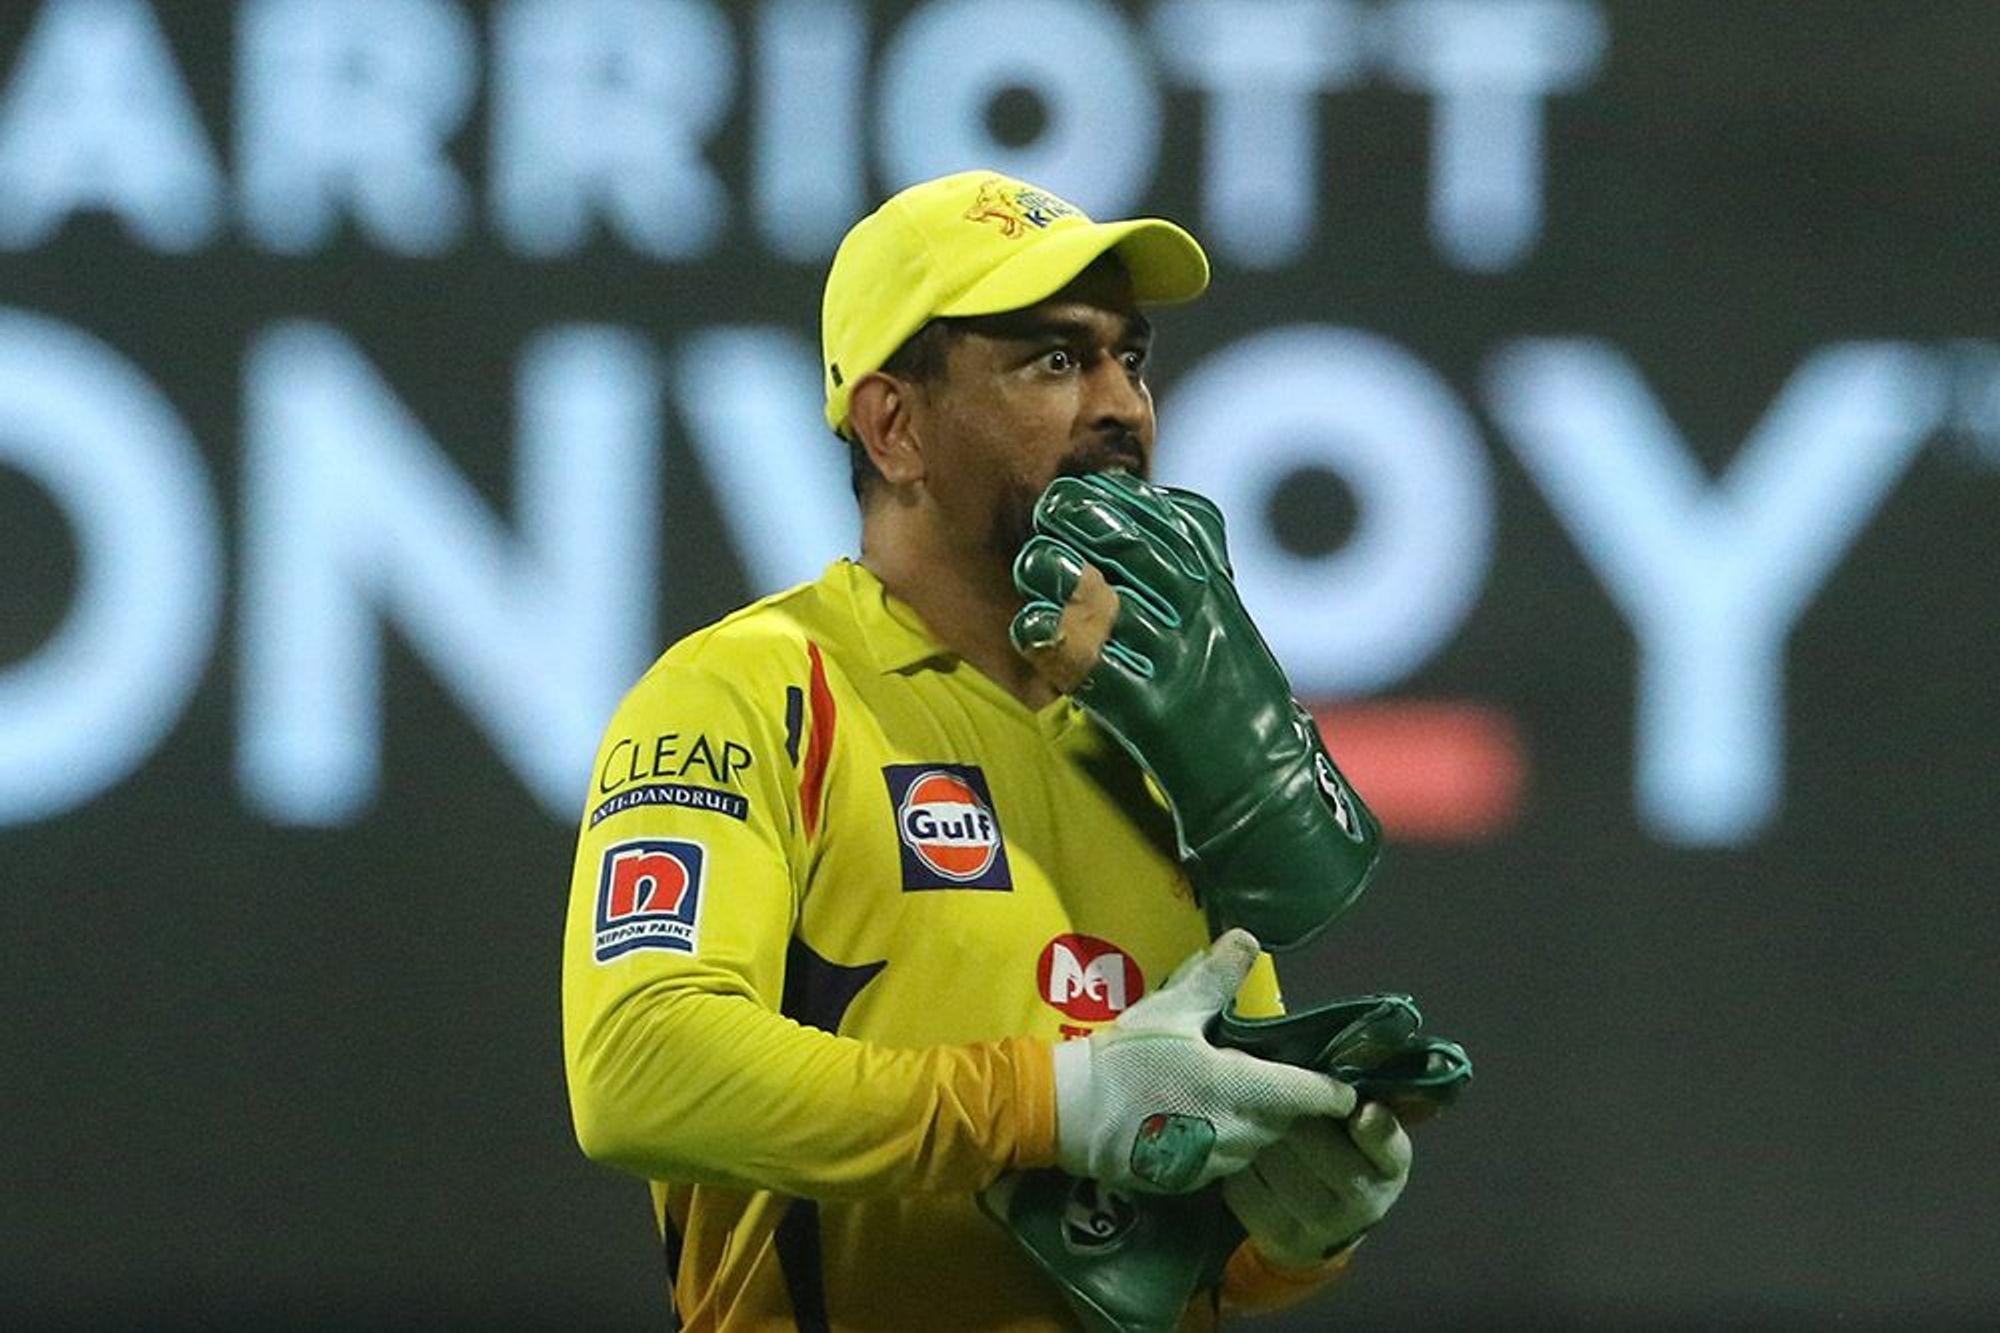 मैच के दौरान महेंद्र सिंह धोनी की बॉडी लैंग्वेज हमेशा ही चर्चा में रहती है। ऐसा ही एक वाकया आज भी देखने को मिला।